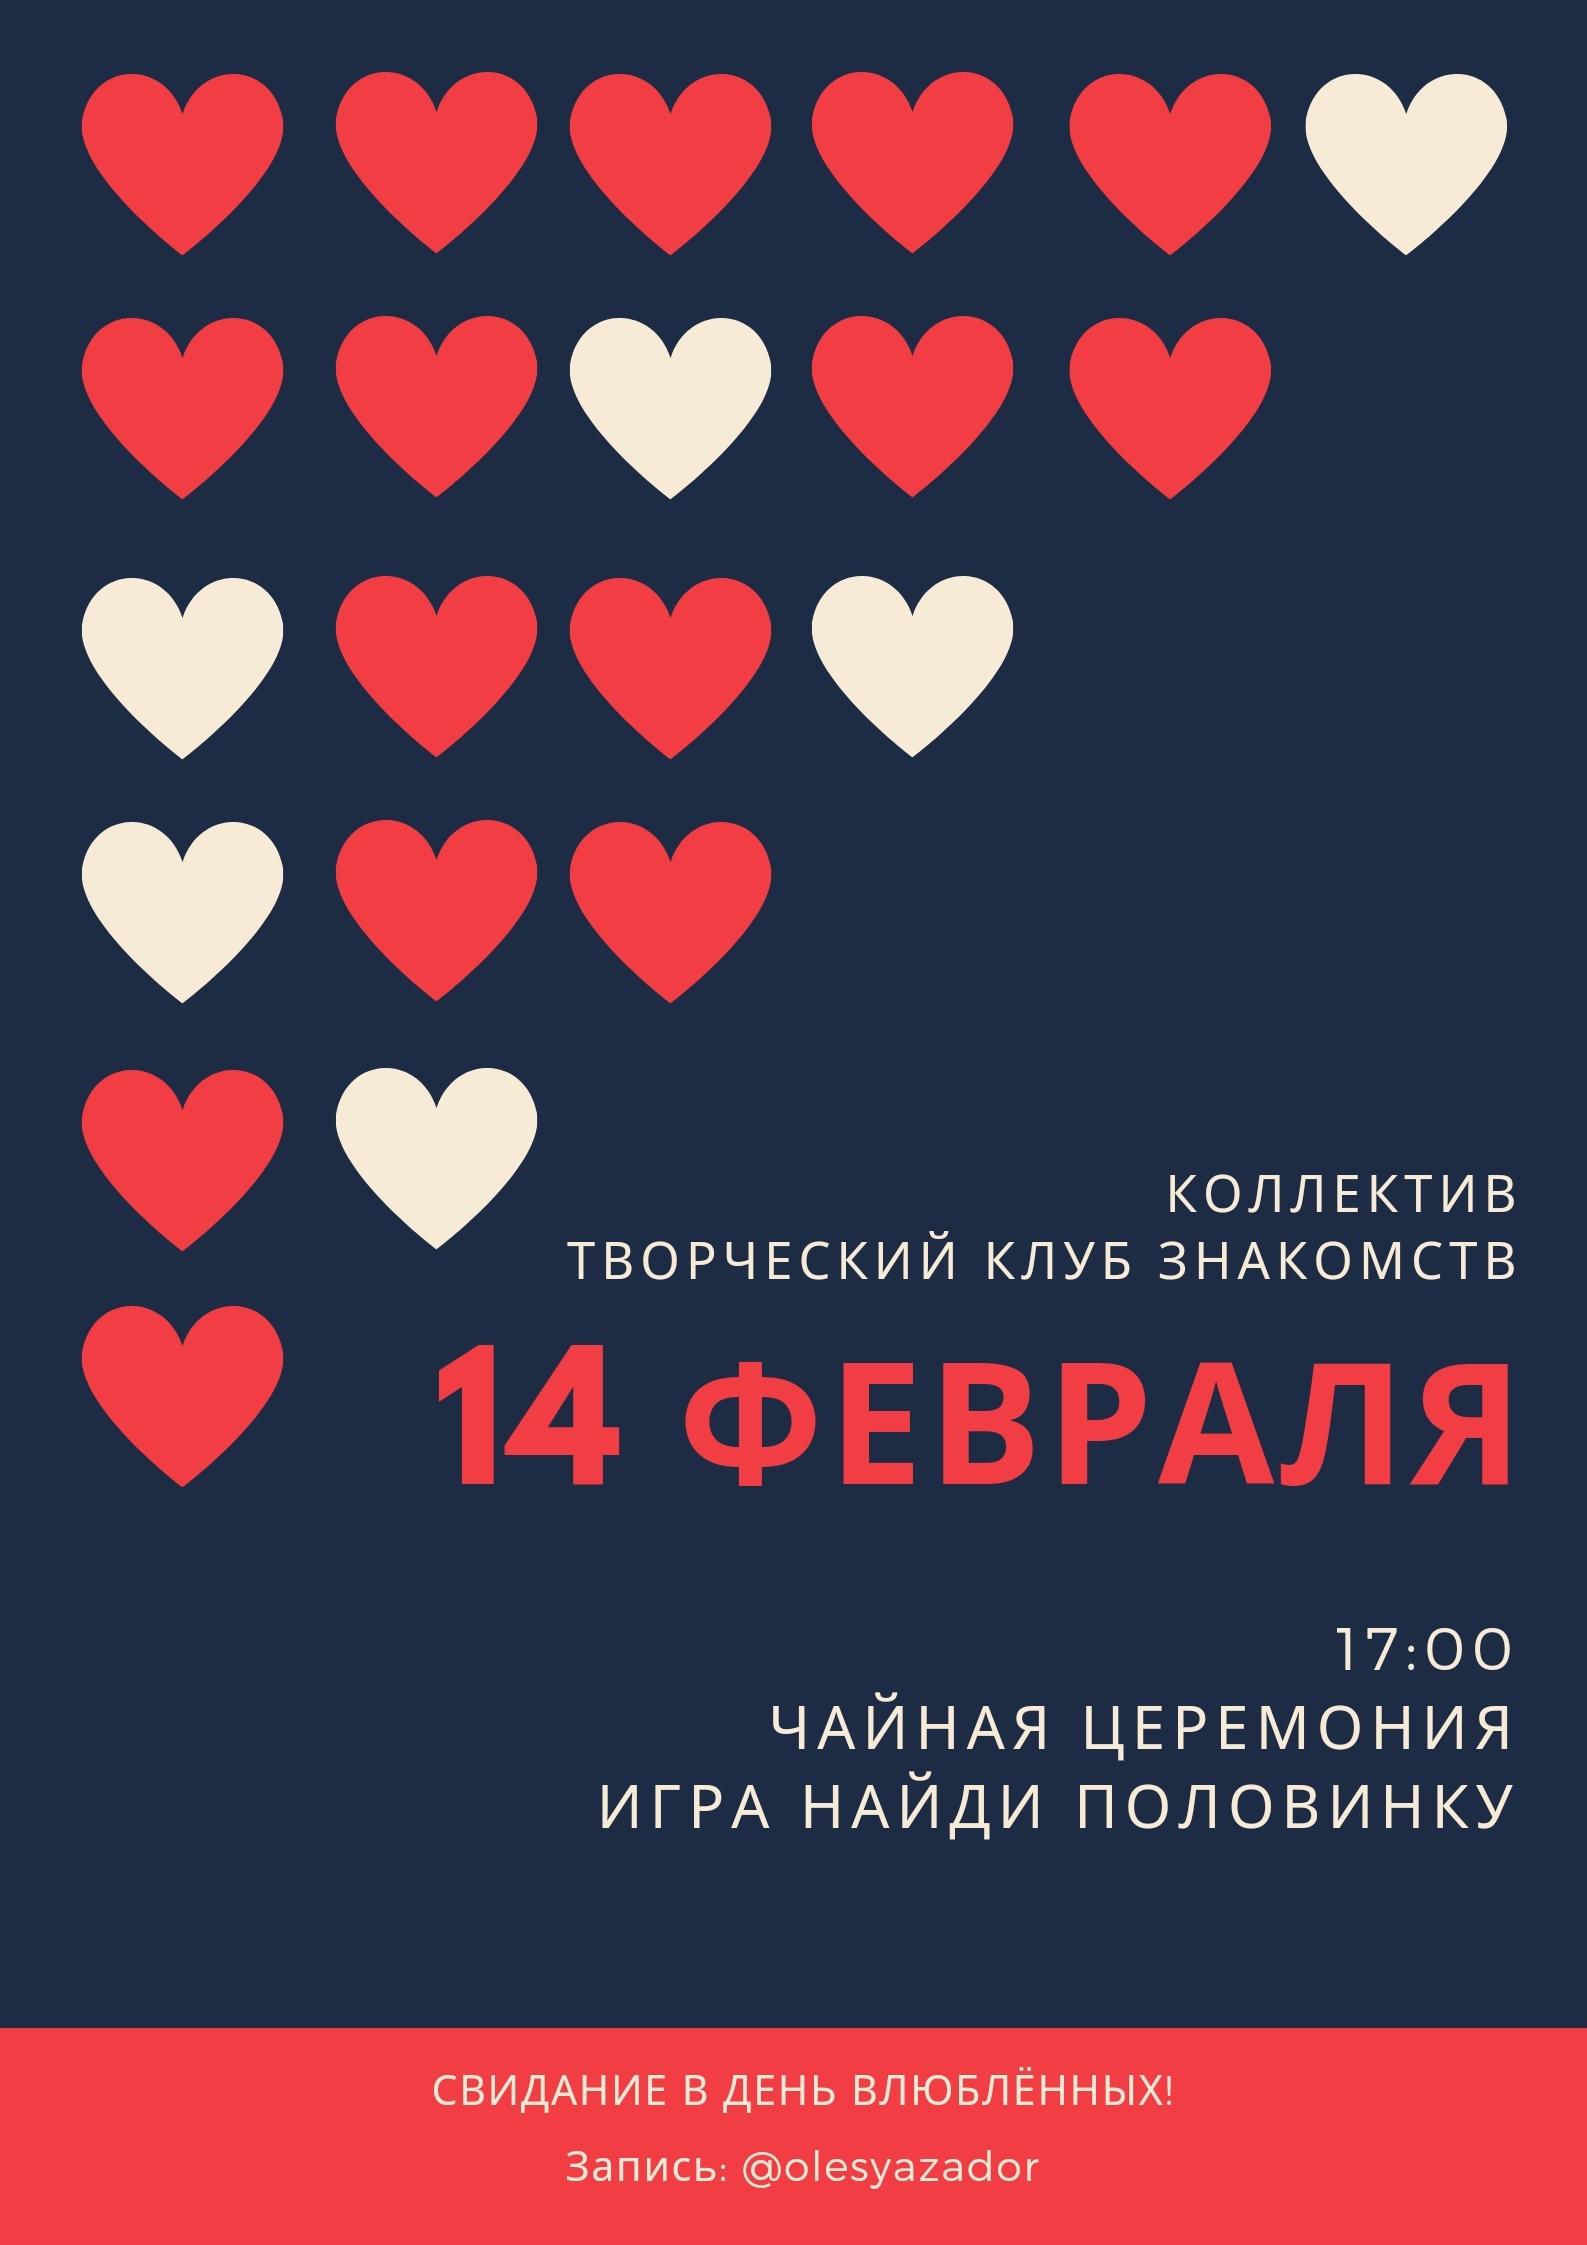 Клубы общения для одиноких людей в москве клуб ангелы москва отзывы